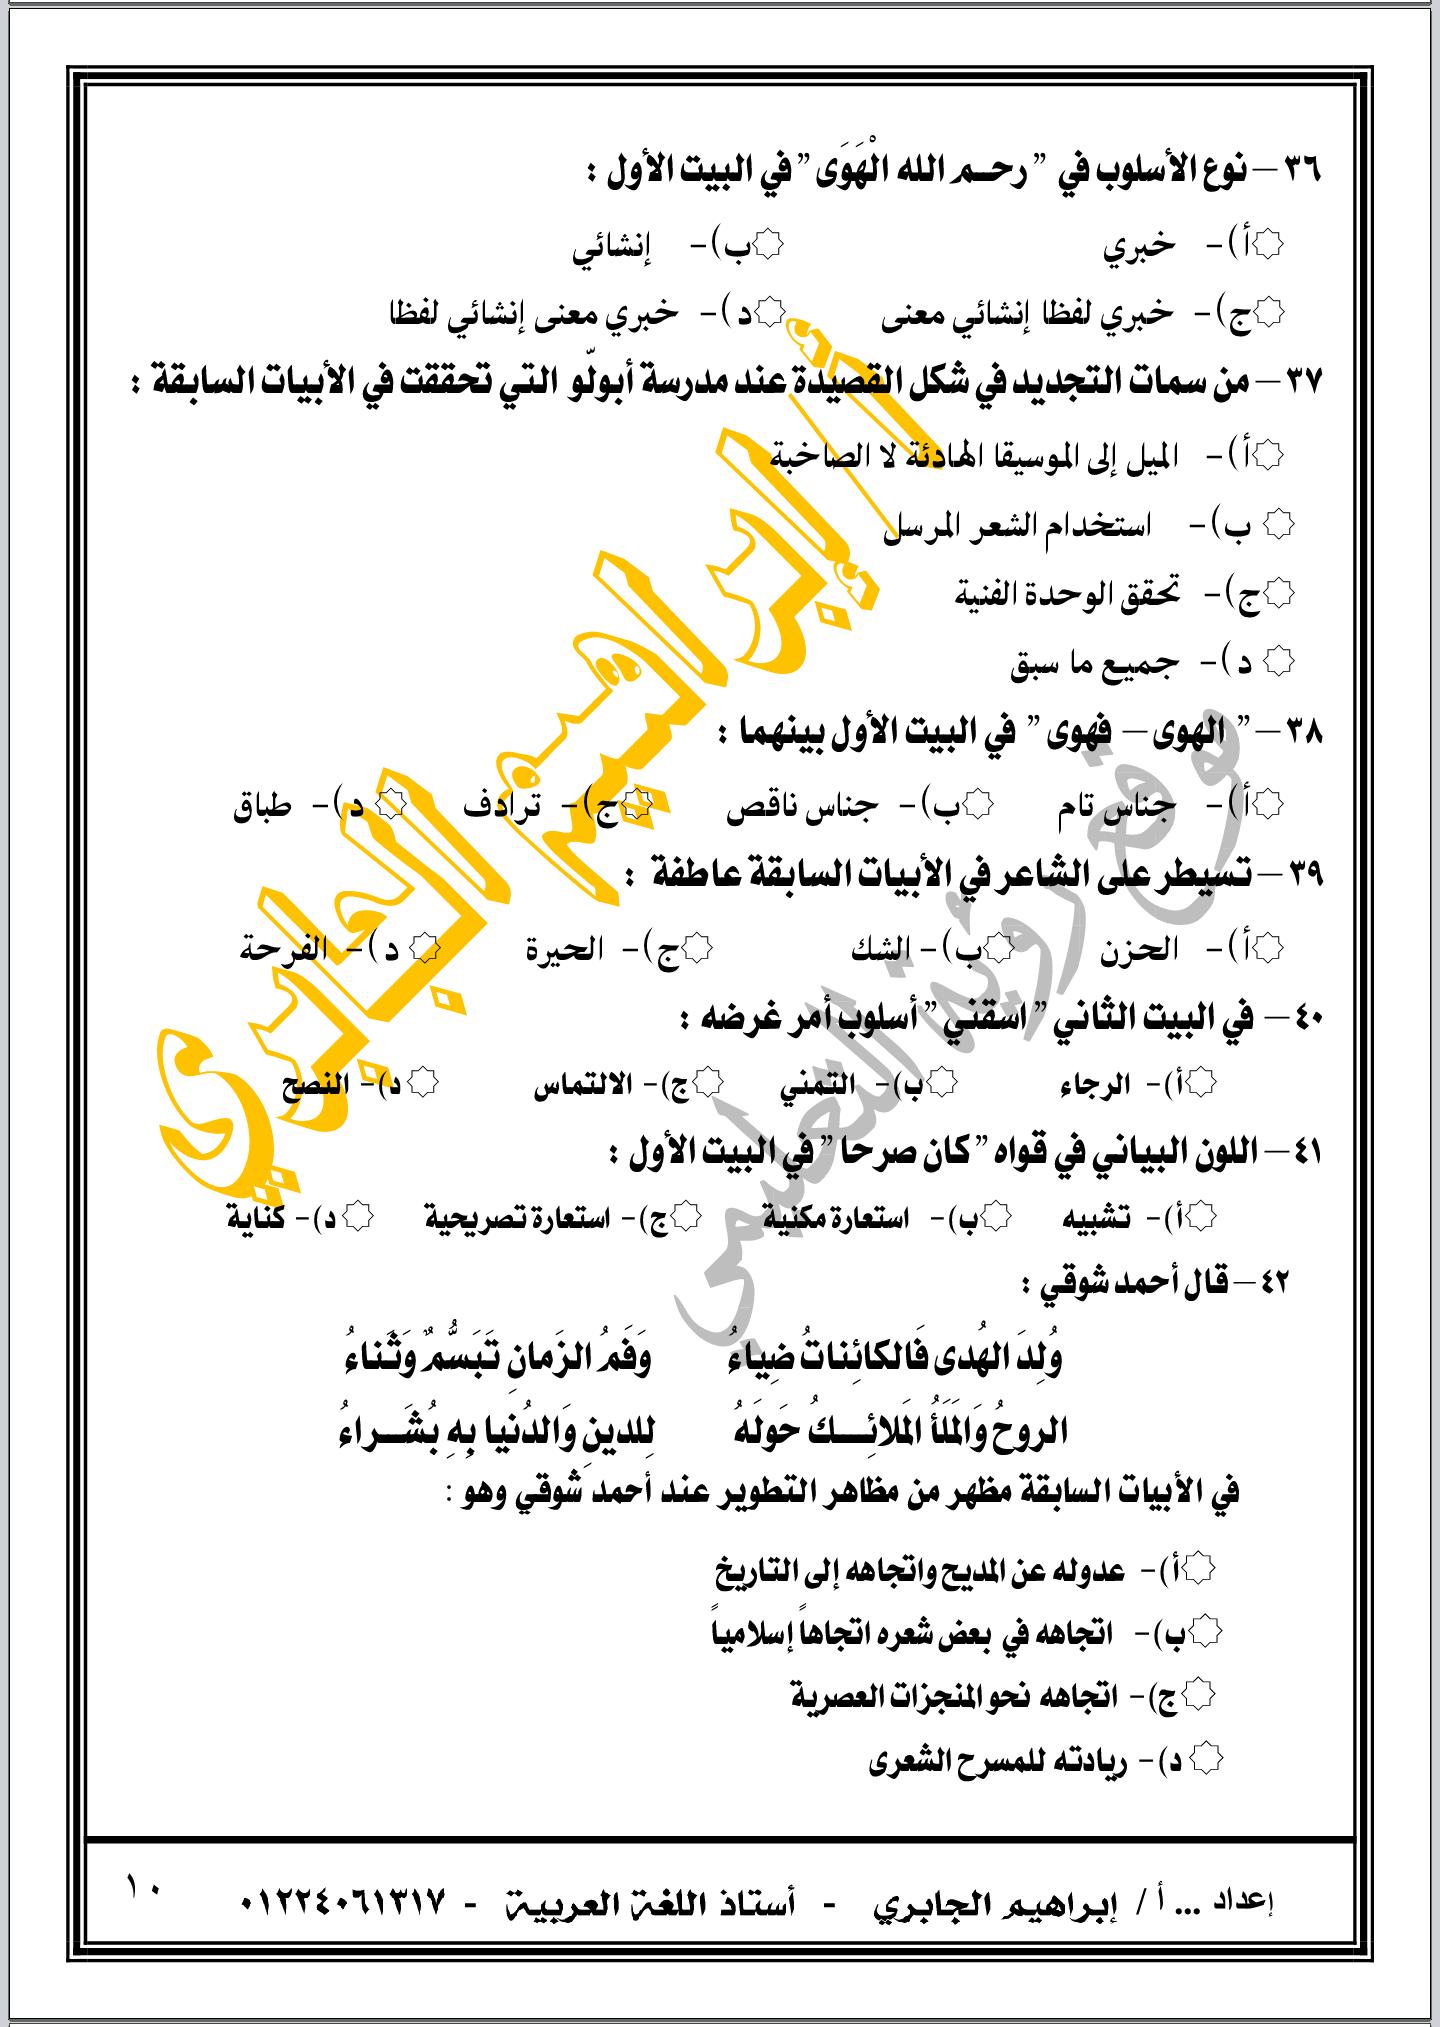 امتحان لغة عربية شامل للثانوية العامة نظام جديد 2021.. 70 سؤالا بالإجابات النموذجية Screenshot_%25D9%25A2%25D9%25A0%25D9%25A2%25D9%25A1-%25D9%25A0%25D9%25A4-%25D9%25A1%25D9%25A5-%25D9%25A0%25D9%25A1-%25D9%25A4%25D9%25A1-%25D9%25A3%25D9%25A6-1